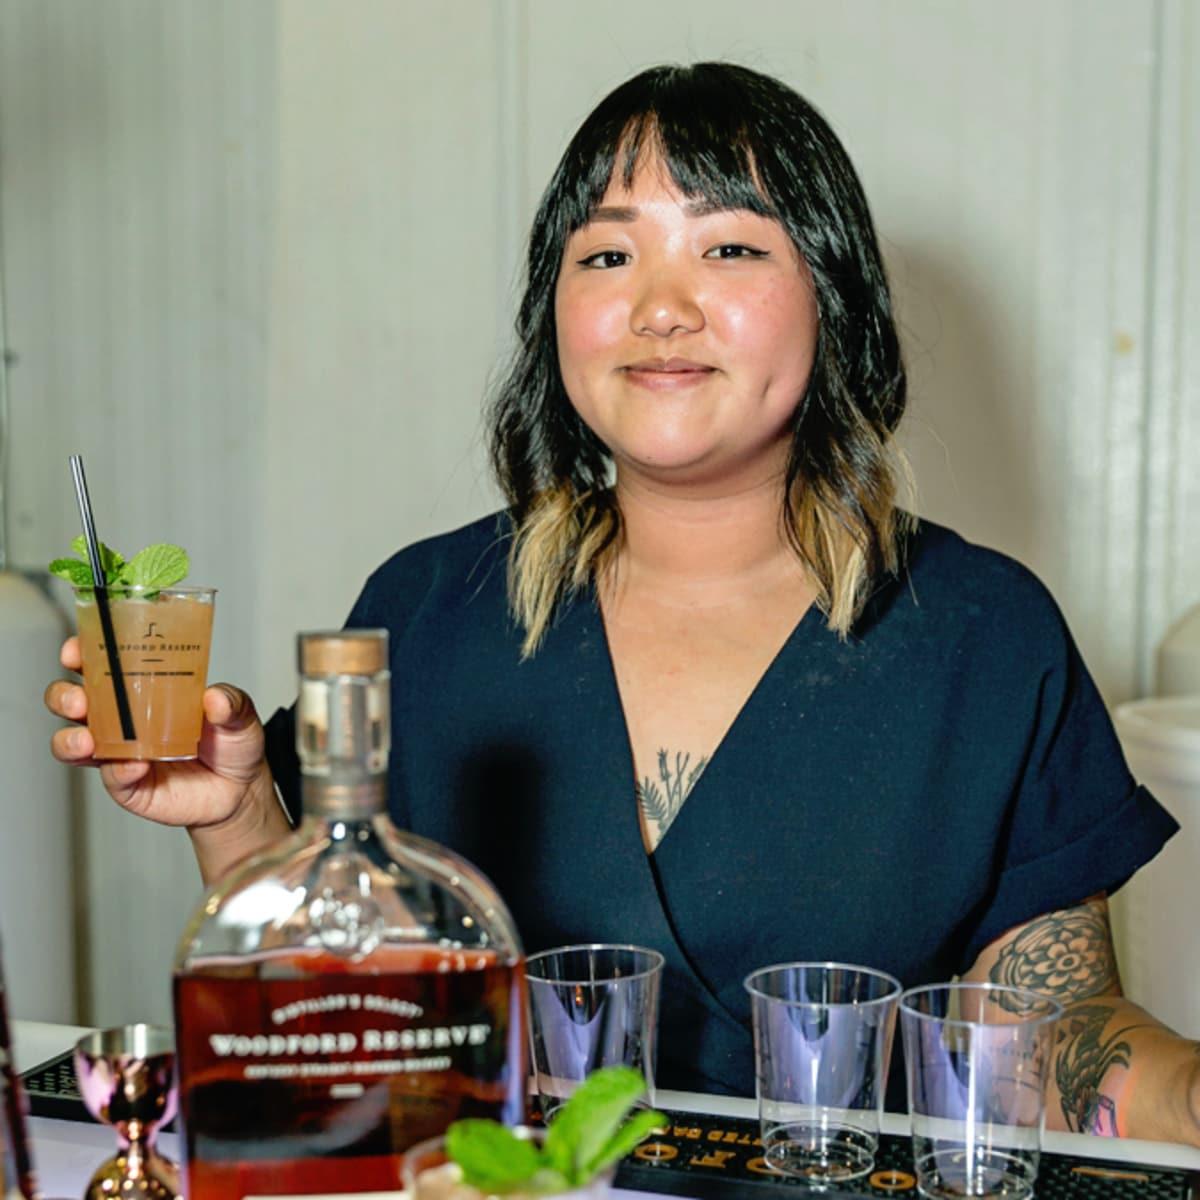 Tastemaker Awards 2018 bartender Kristine Nguyen Nancy's Hustle